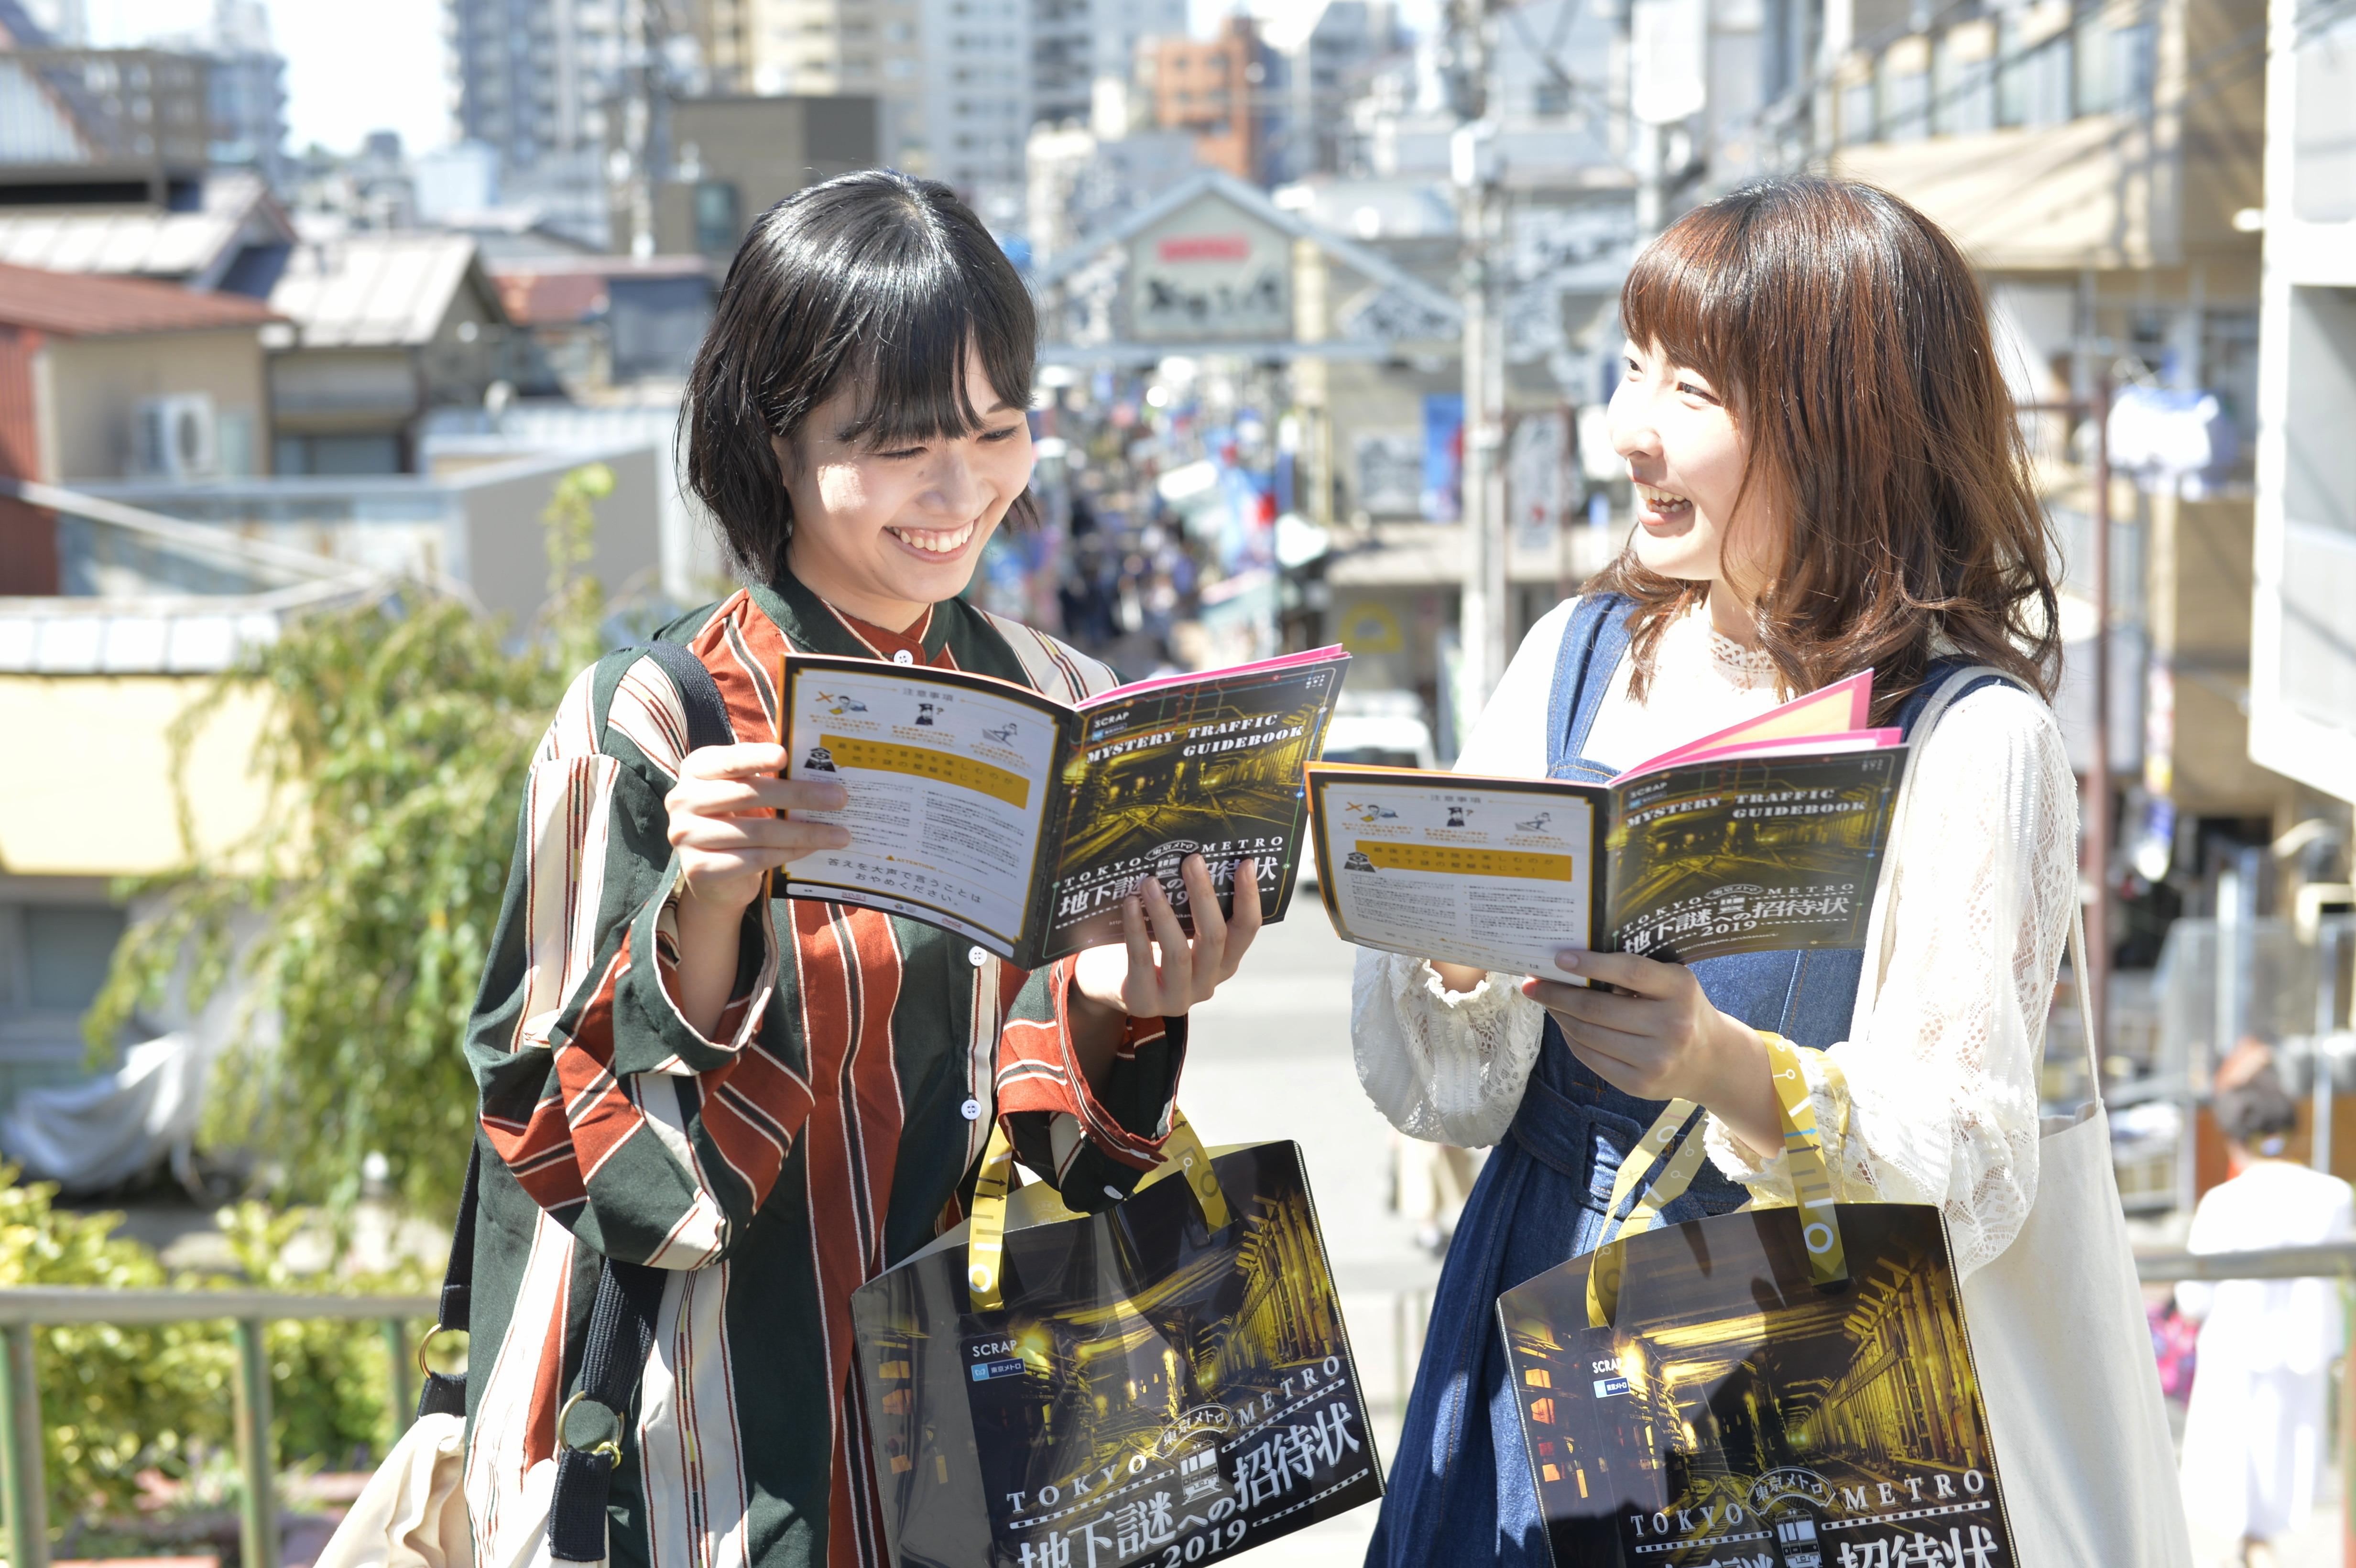 ナゾトキ街歩きゲーム実施イメージ (C)SCRAP All rights reserved.